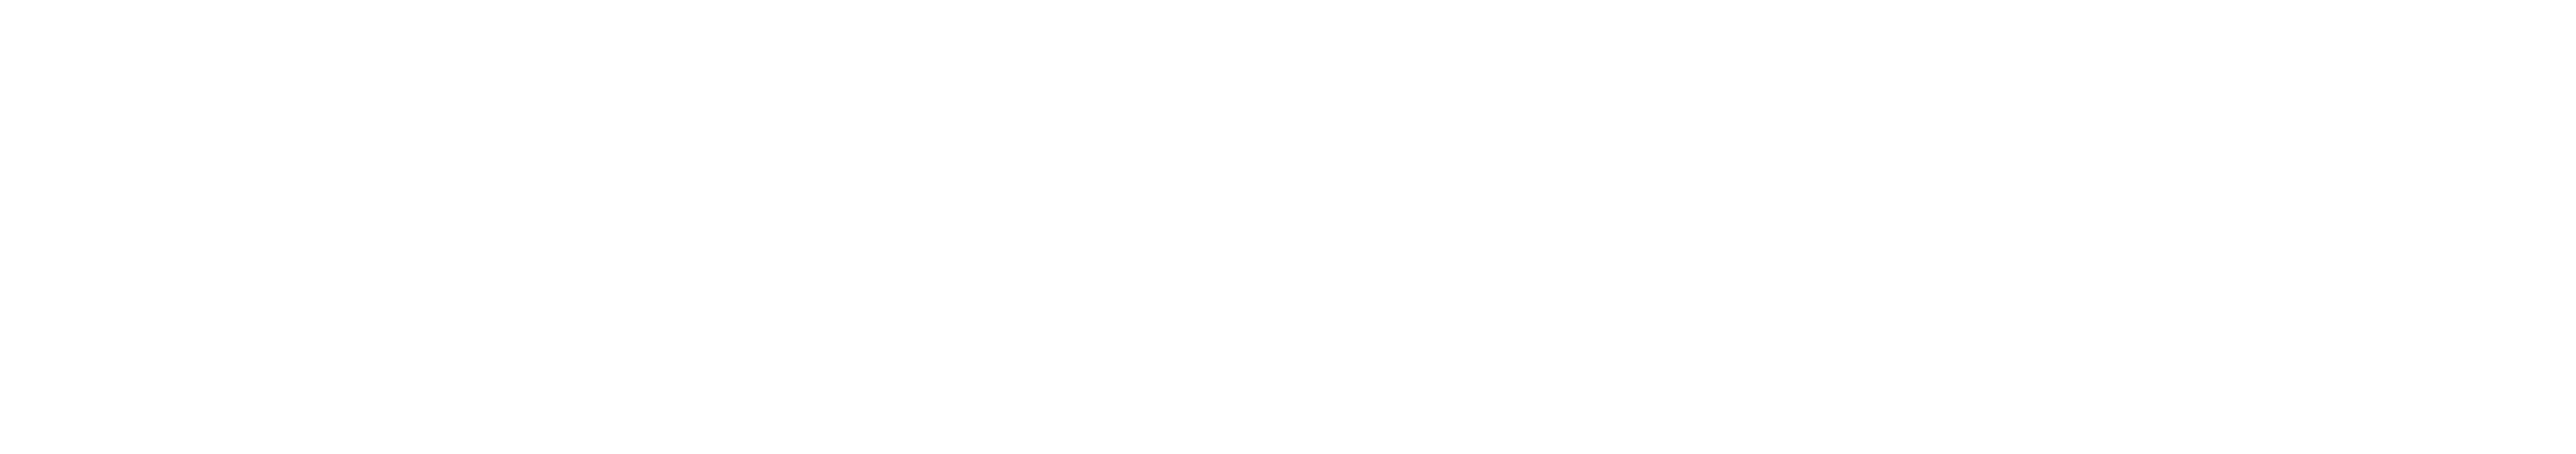 UoH logo - white